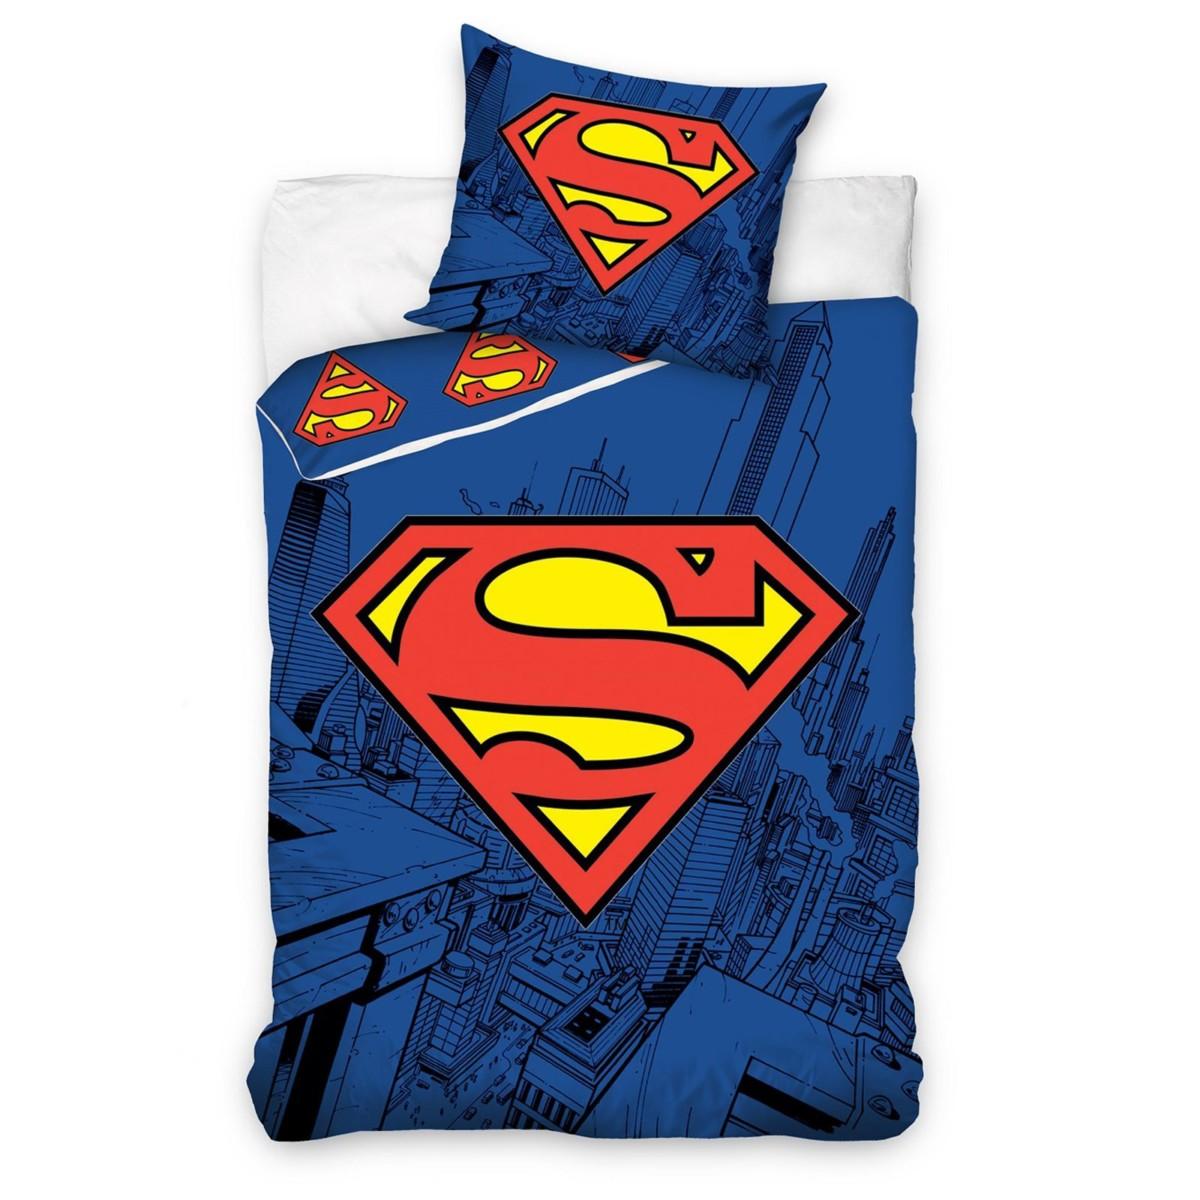 SUPERMAN HOUSSE DE COUETTE ET TAIE ENSEMBLES CHAMBRE LITERIE ENFANTS